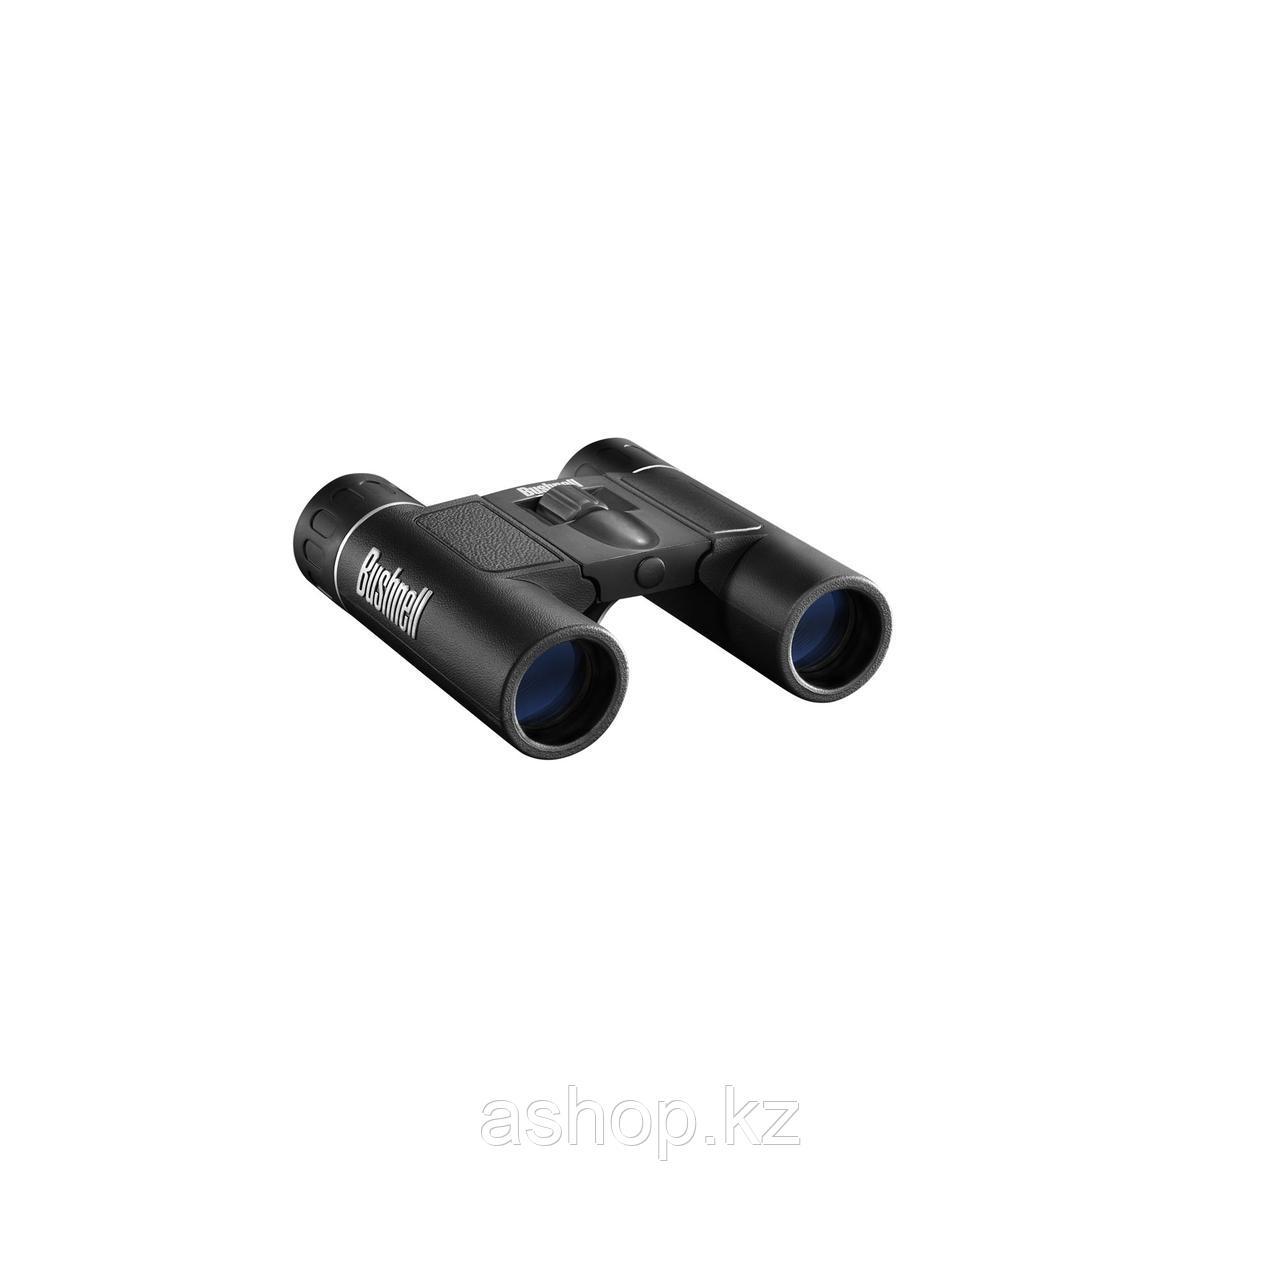 Бинокль туристический Bushnell Powerview 12x25, Сфера применения: Для активного отдыха, спорта, путешествия, Ц